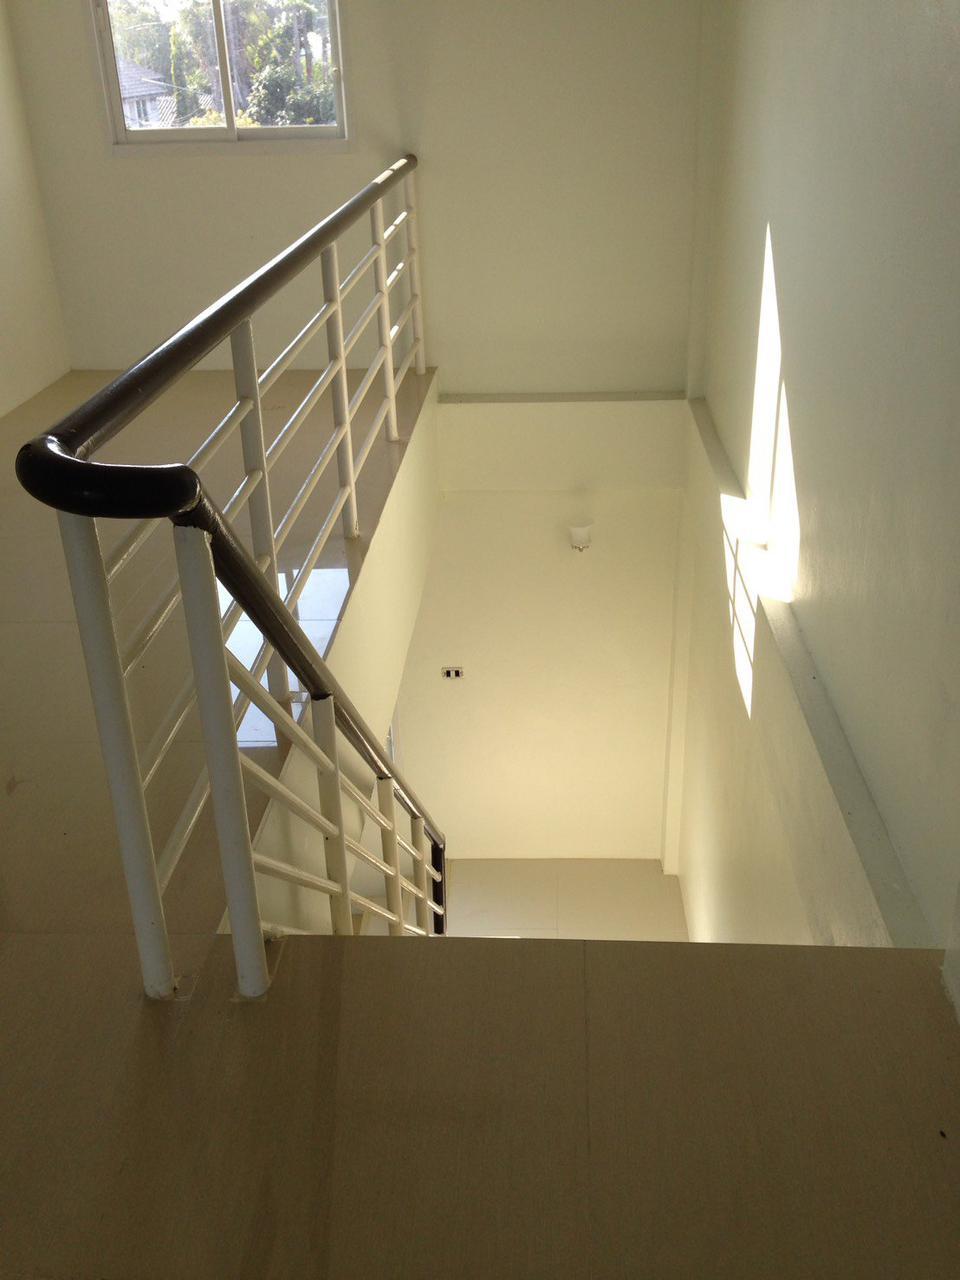 อาคารสร้างใหม่ 3 ชั้น จำนวน 2 คูหา ติดถนนทุ่งกลม ตาลหมัน 5 เข้าจาก ถ. สุขุมวิท 89 (พัทยา) รูปที่ 4